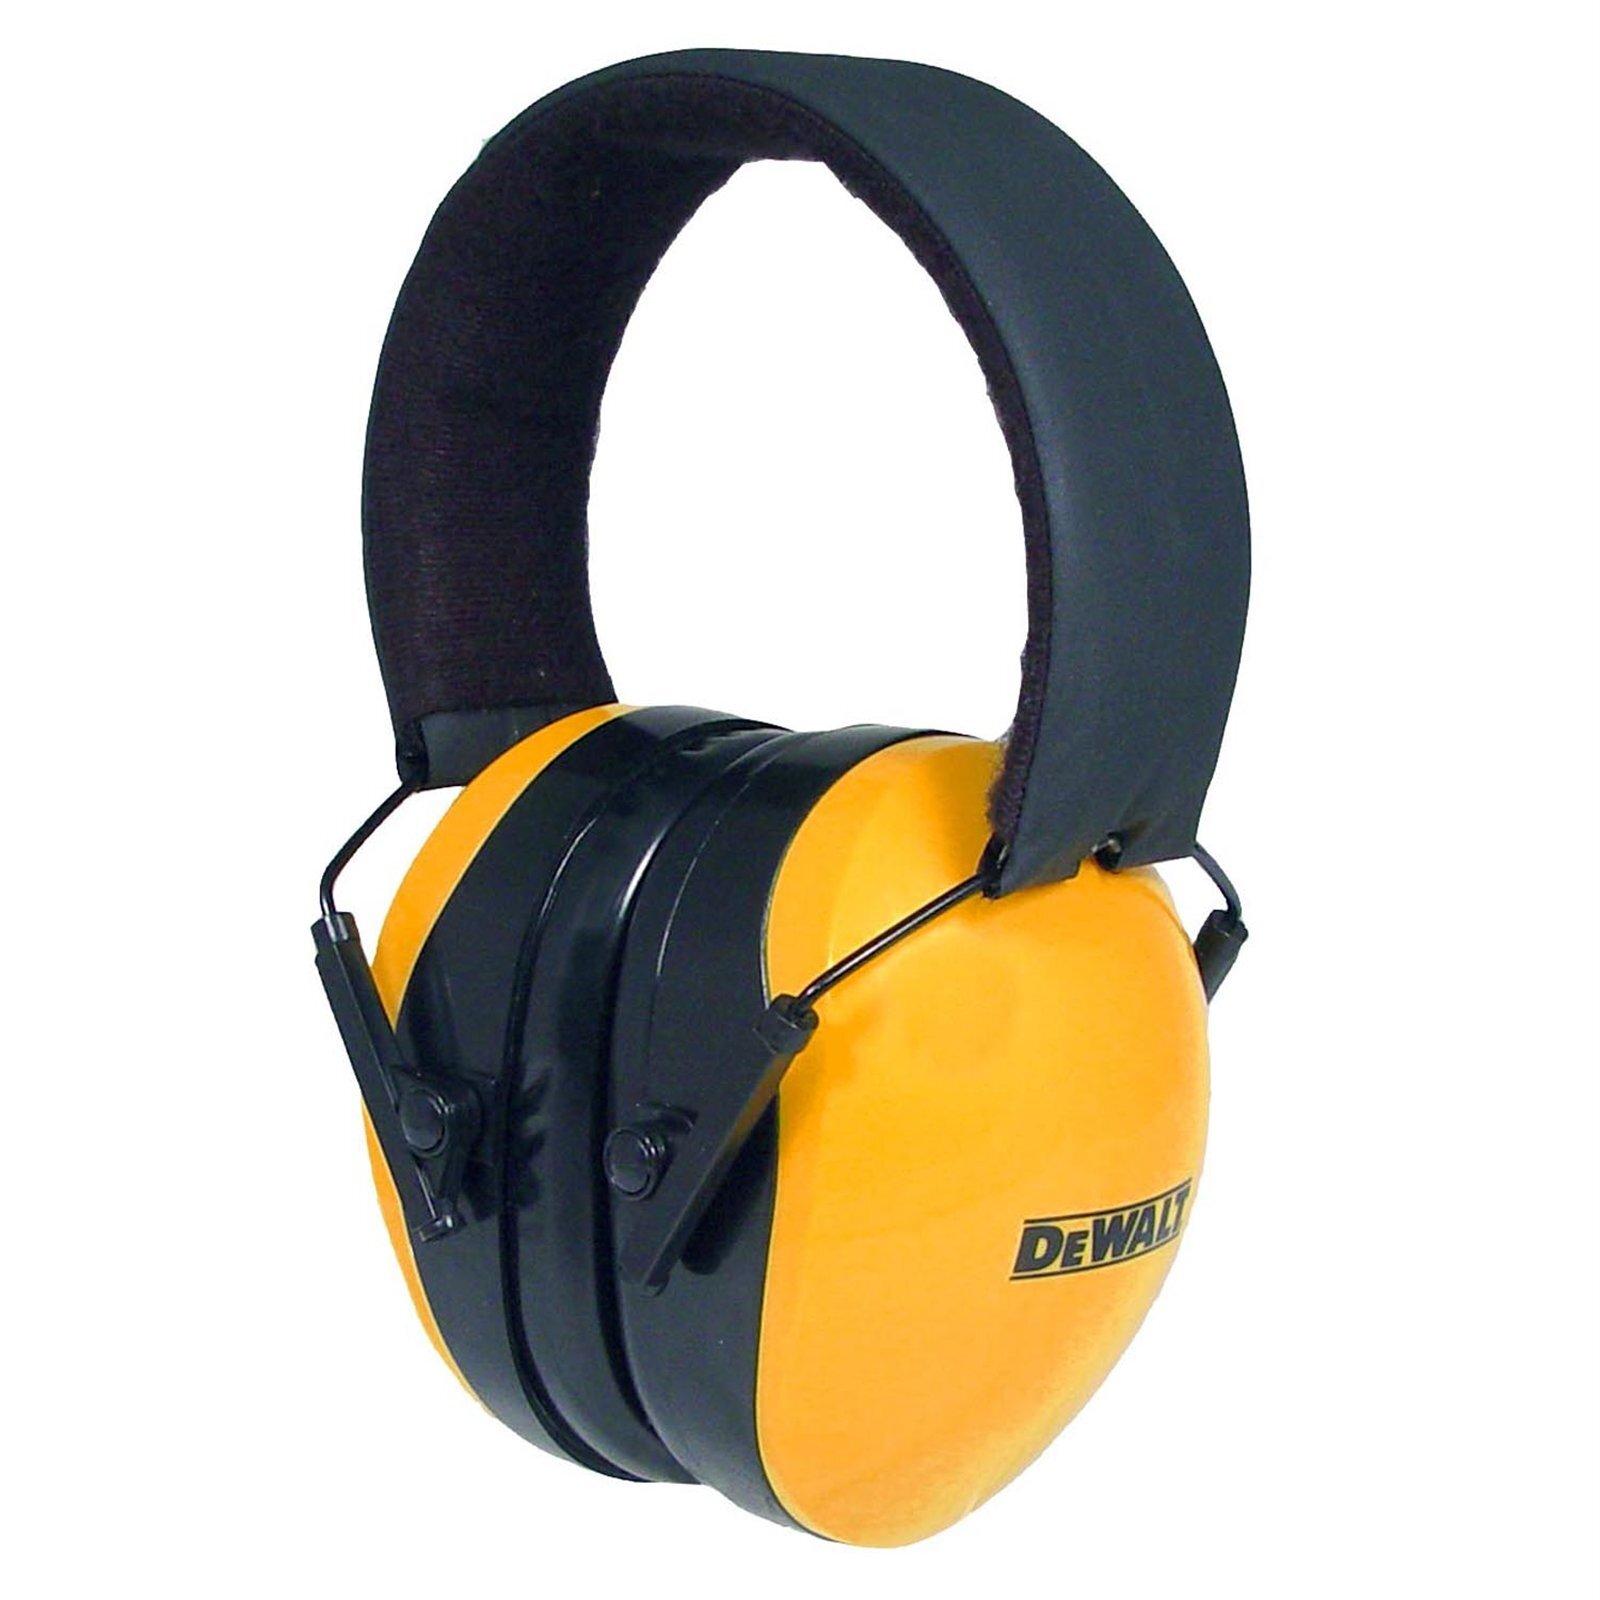 DeWALT Interceptor Ear Muffs